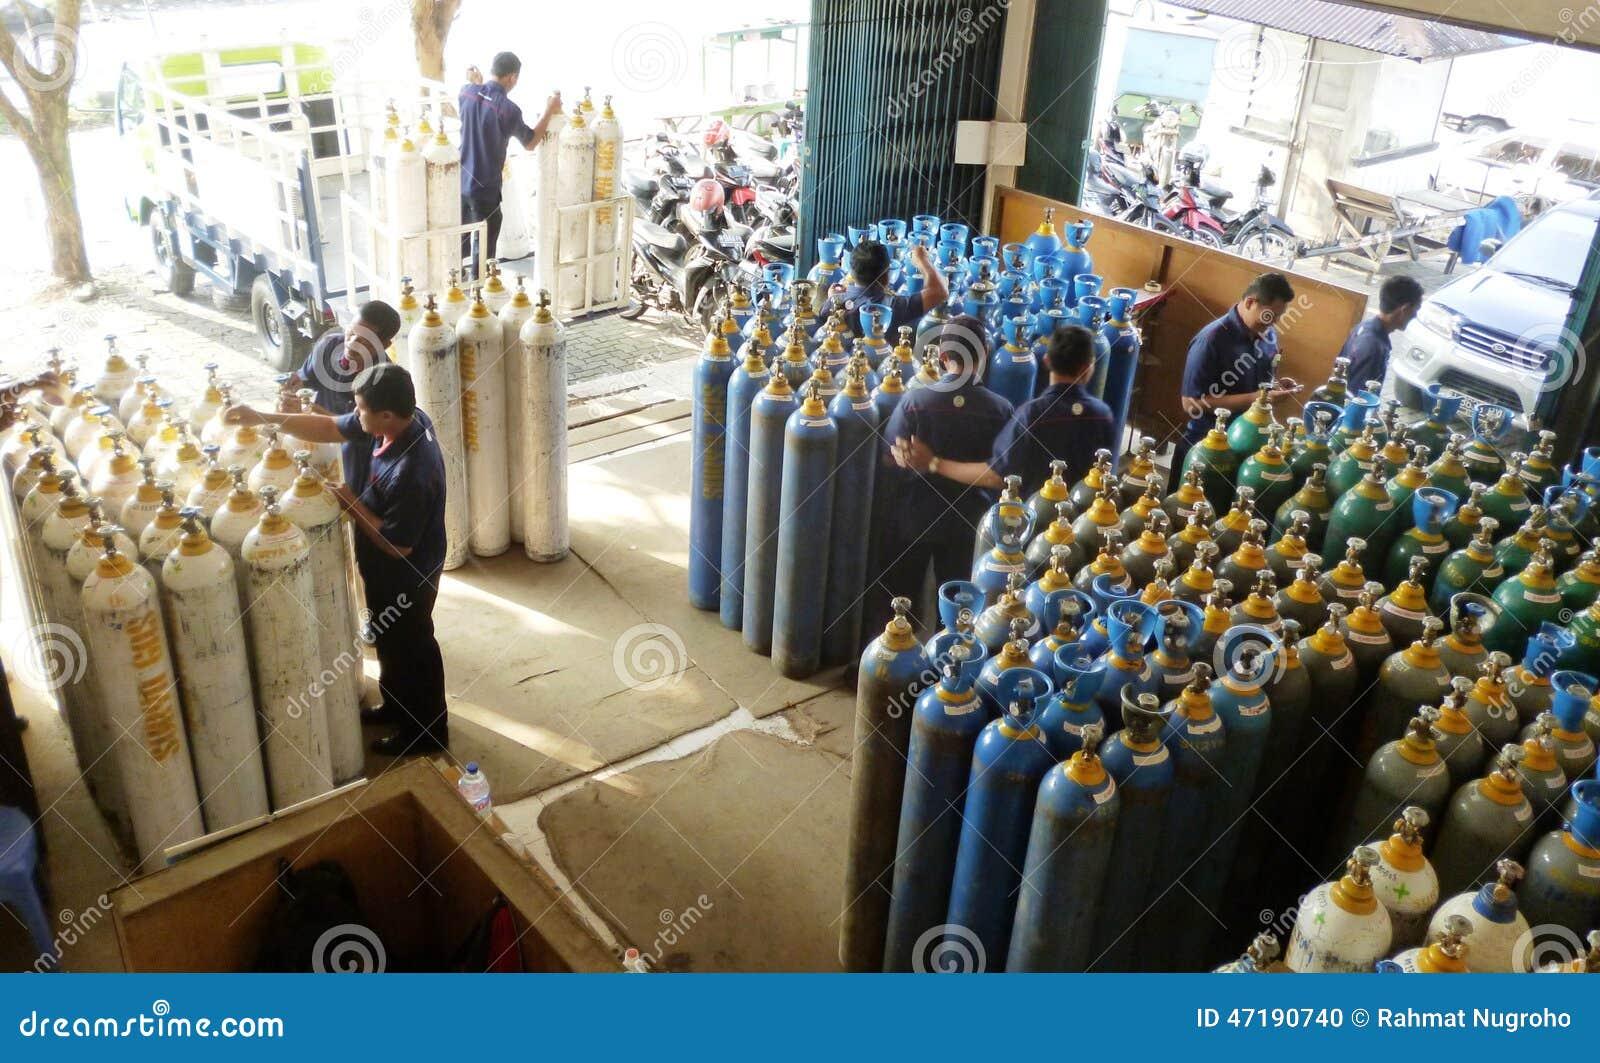 Magasin de bouteilles de gaz